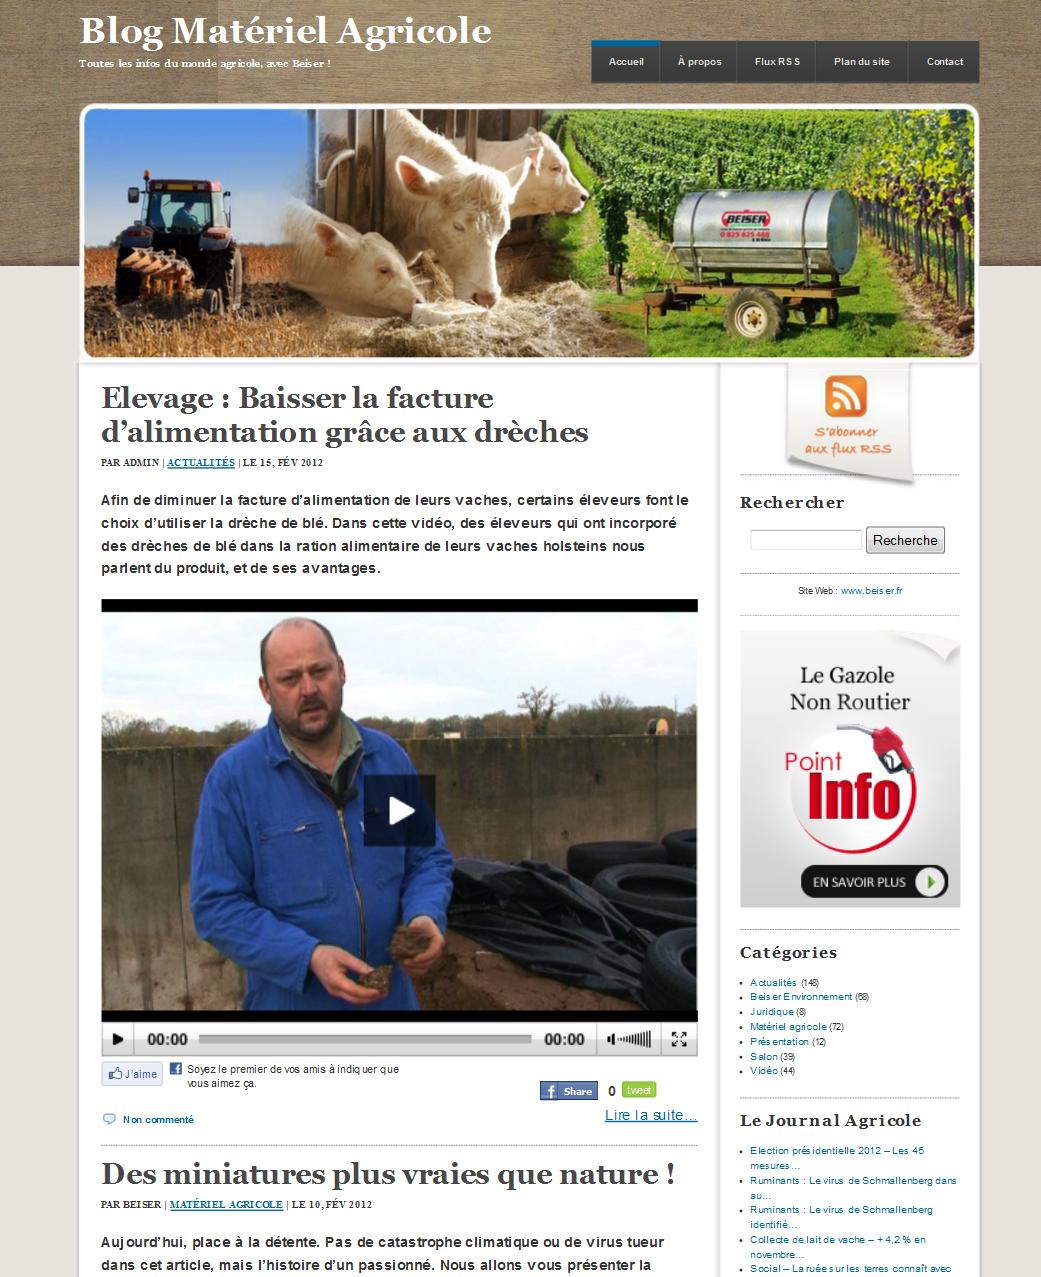 Blog Matériel Agricole : nouvelle version